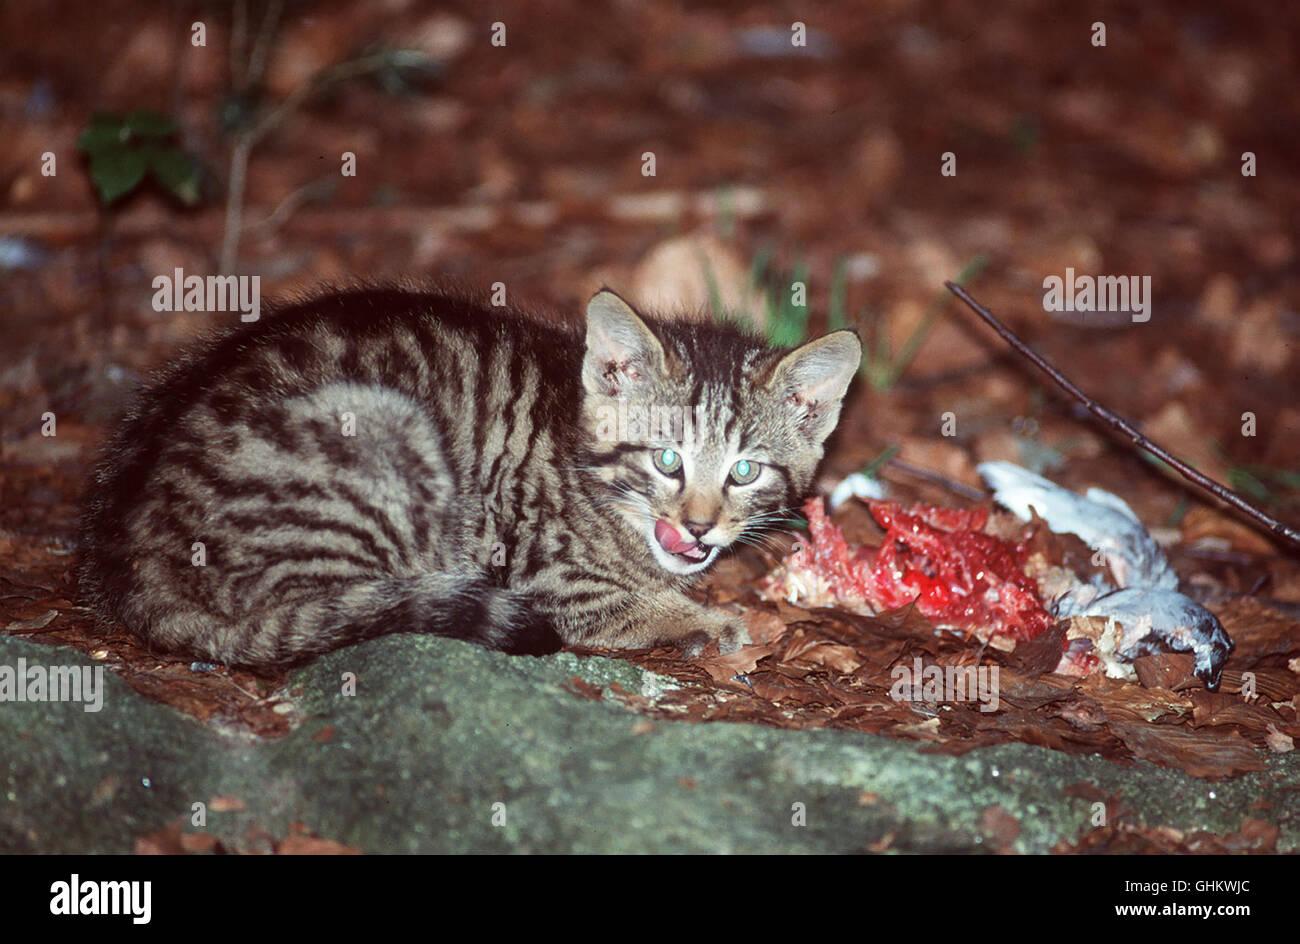 Prof. Antal Festetics präsentiert heute die Katze und zeigt ihren wilden Ursprung auf, die WILDKATZE (Foto). - Stock Image